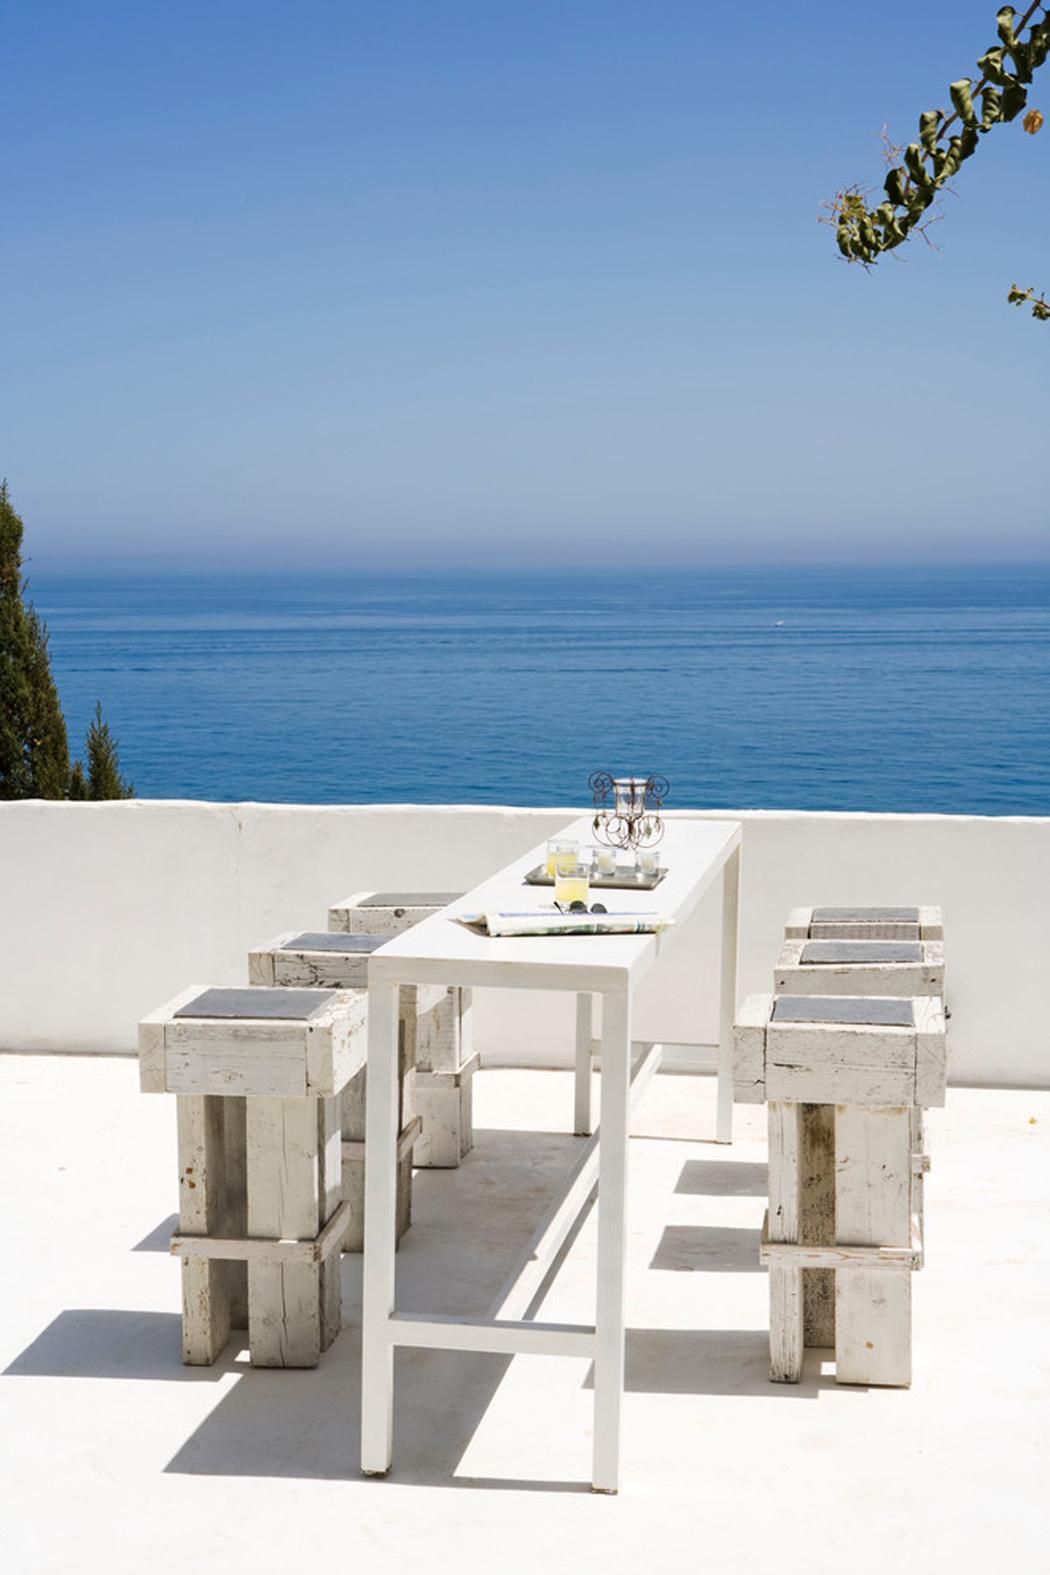 Splendide villa de luxe sur la côte sud espagnole | Vivons maison